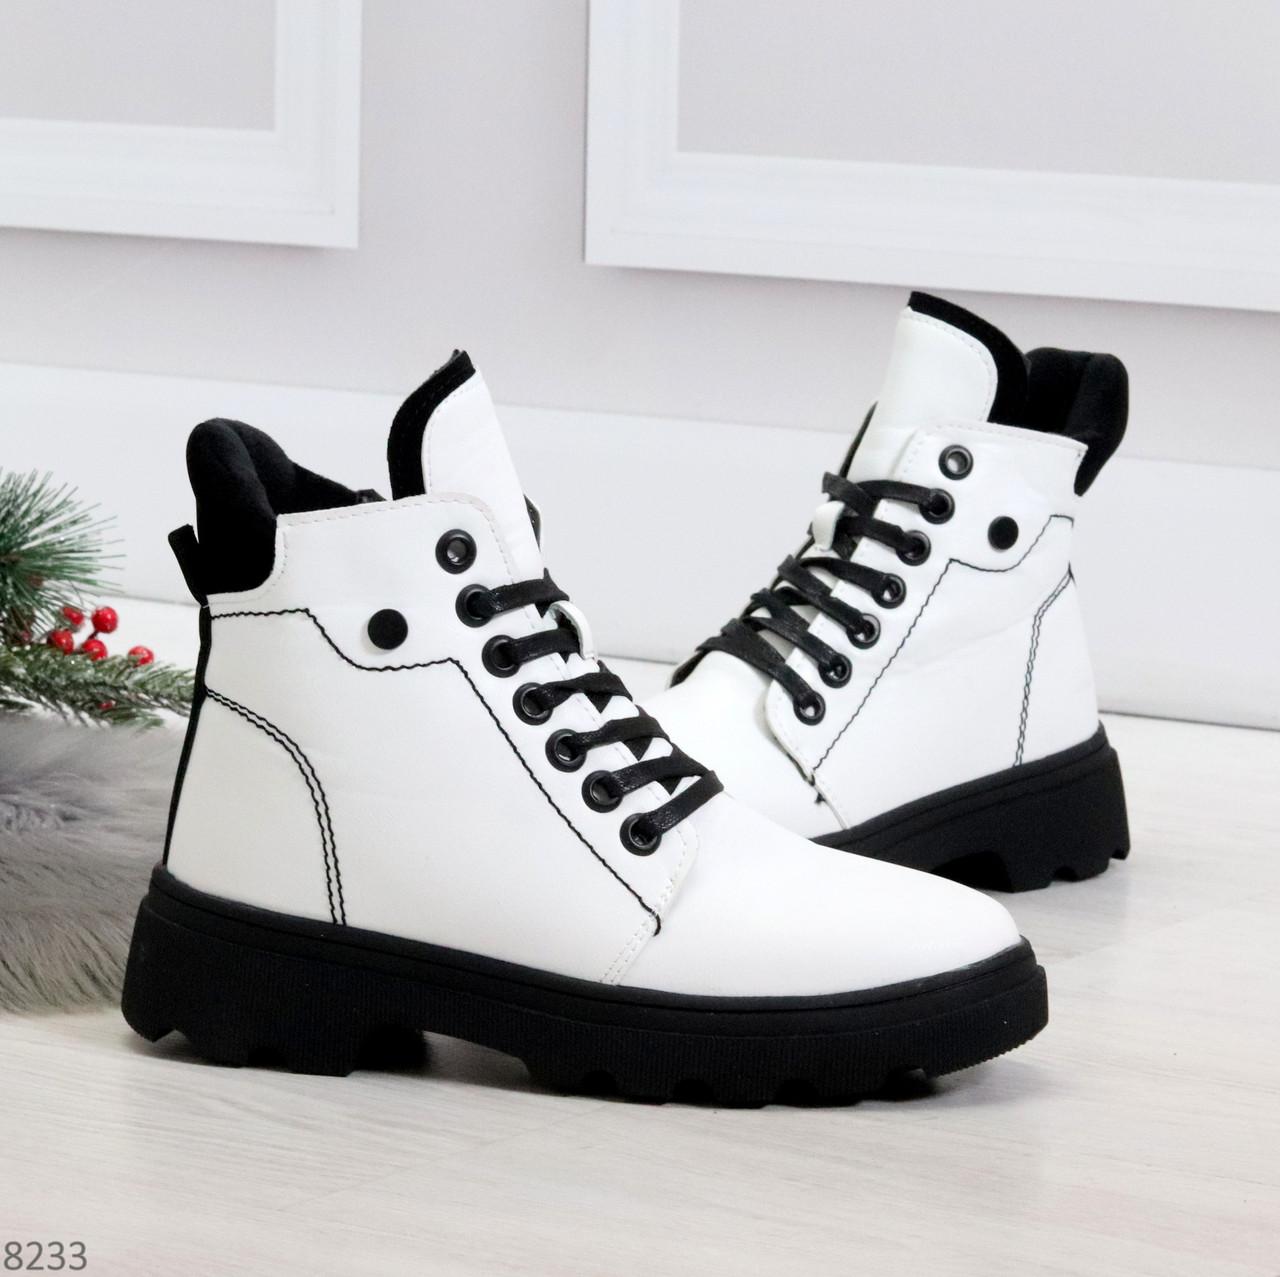 Нарядные белые зимние женские ботинки на черной шнуровке 38-24см